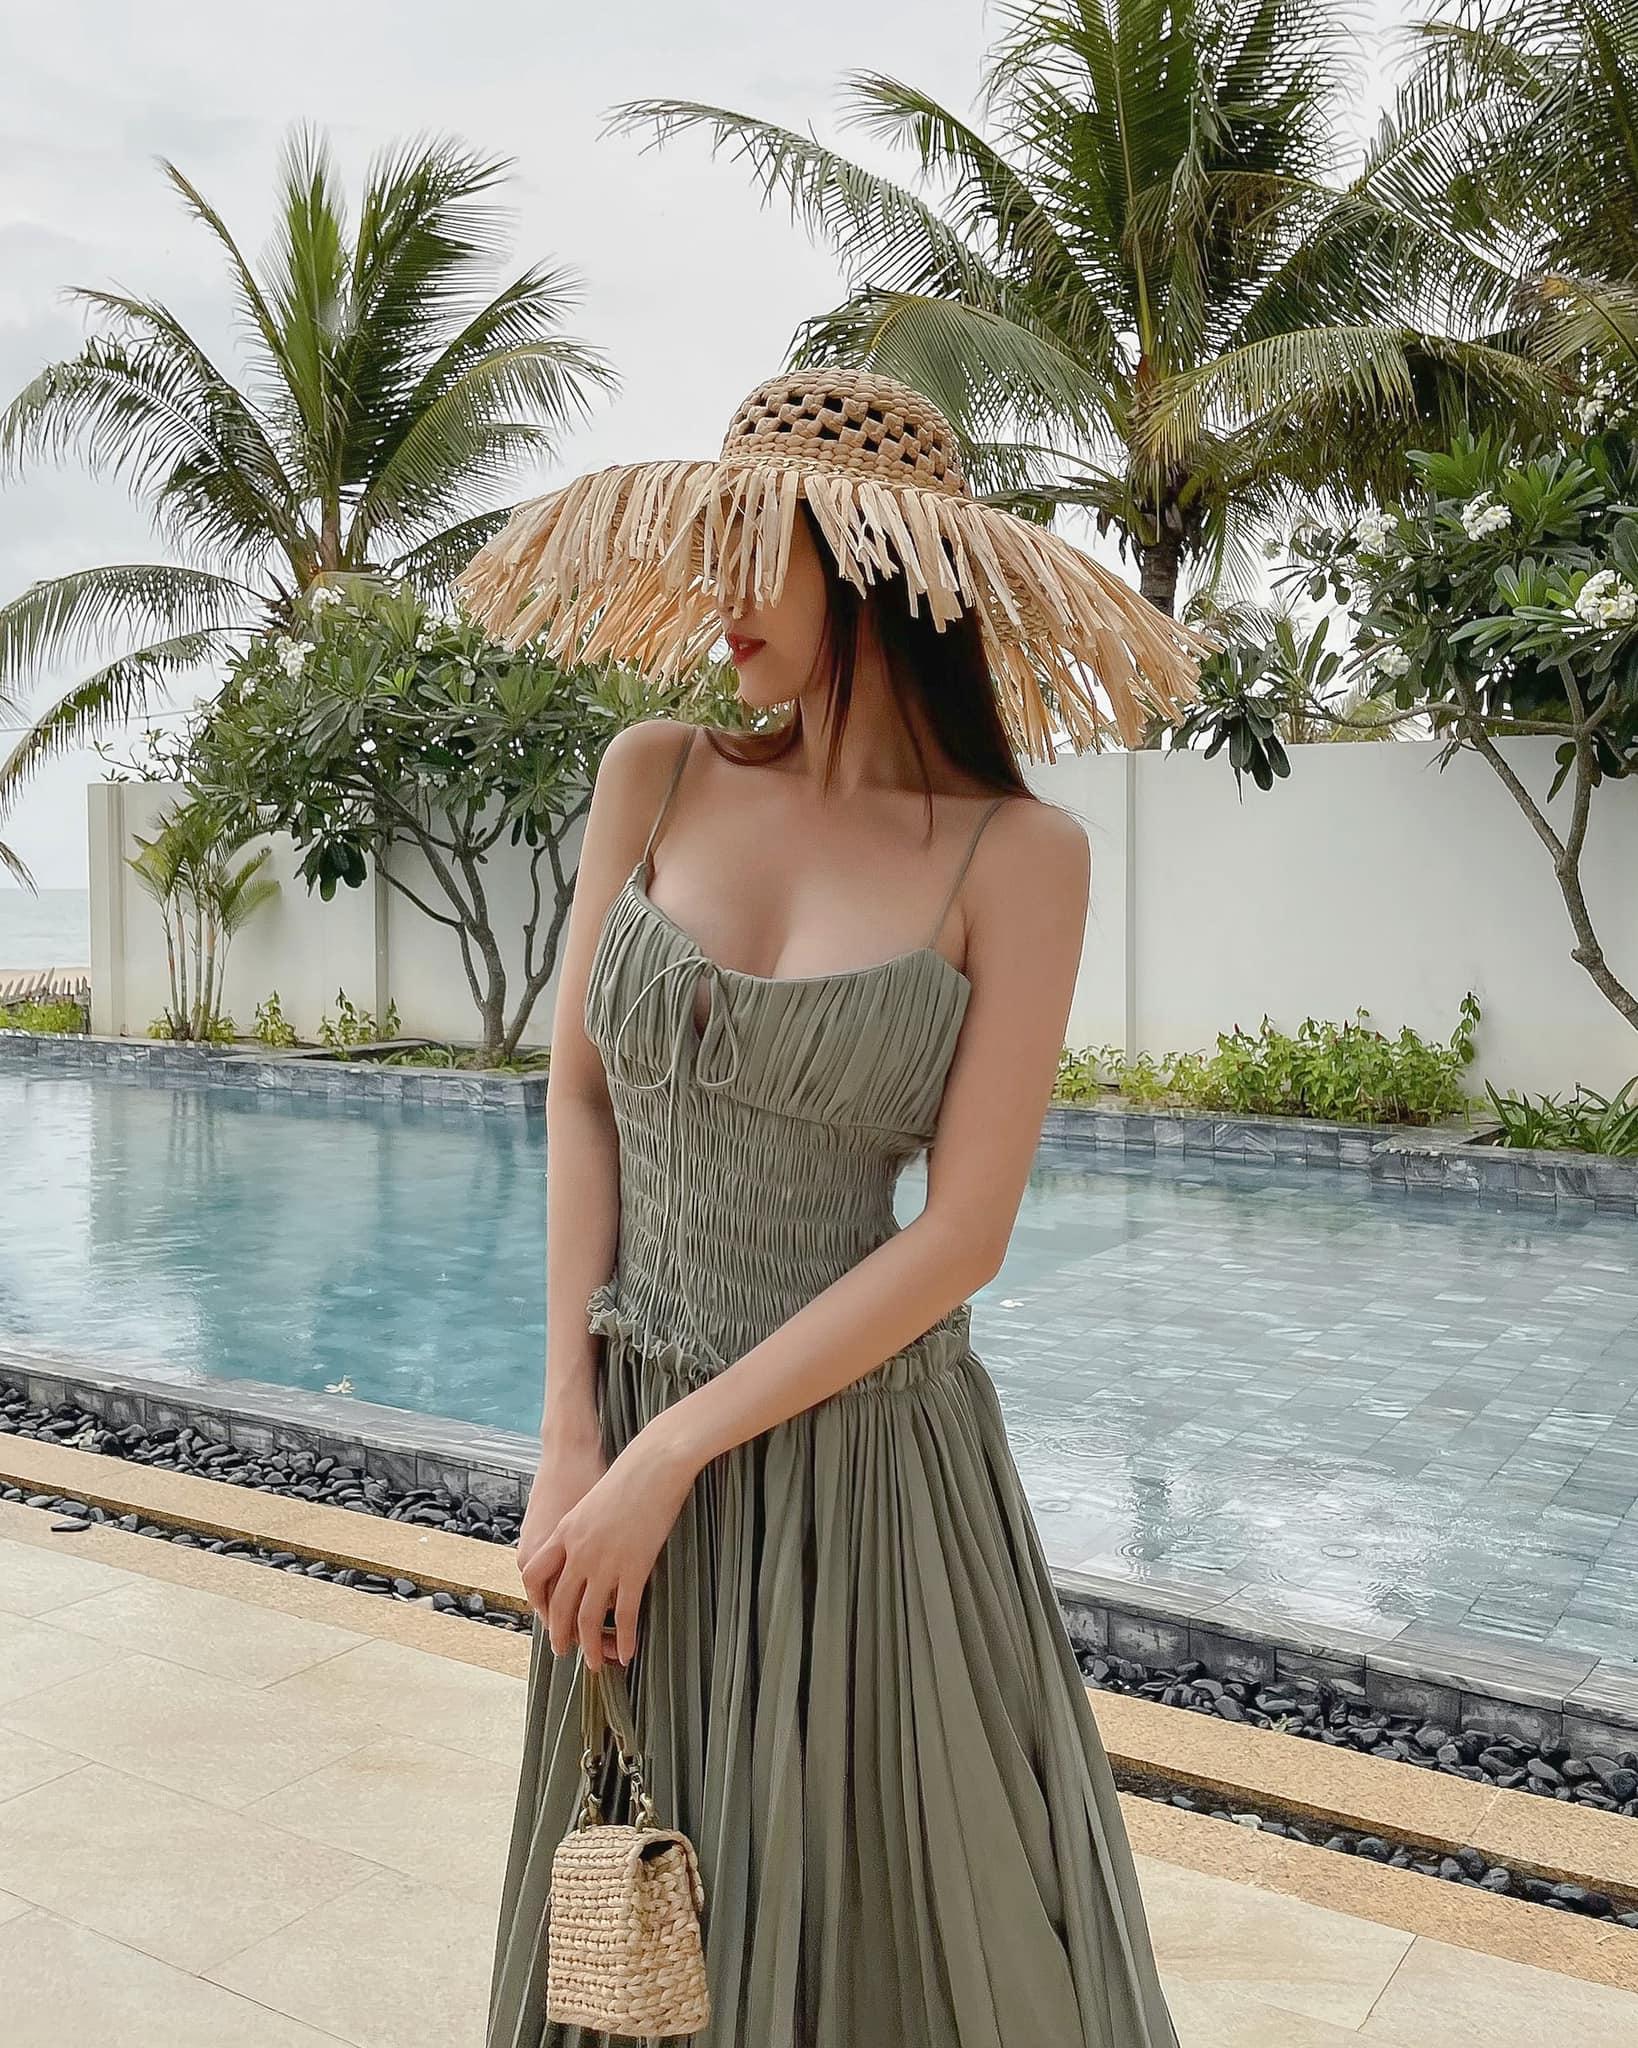 Đồ local brand sao Việt vừa diện: Bộ của Ngọc Trinh siêu rẻ, nhiều váy đẹp tôn dáng cực mê - Ảnh 6.